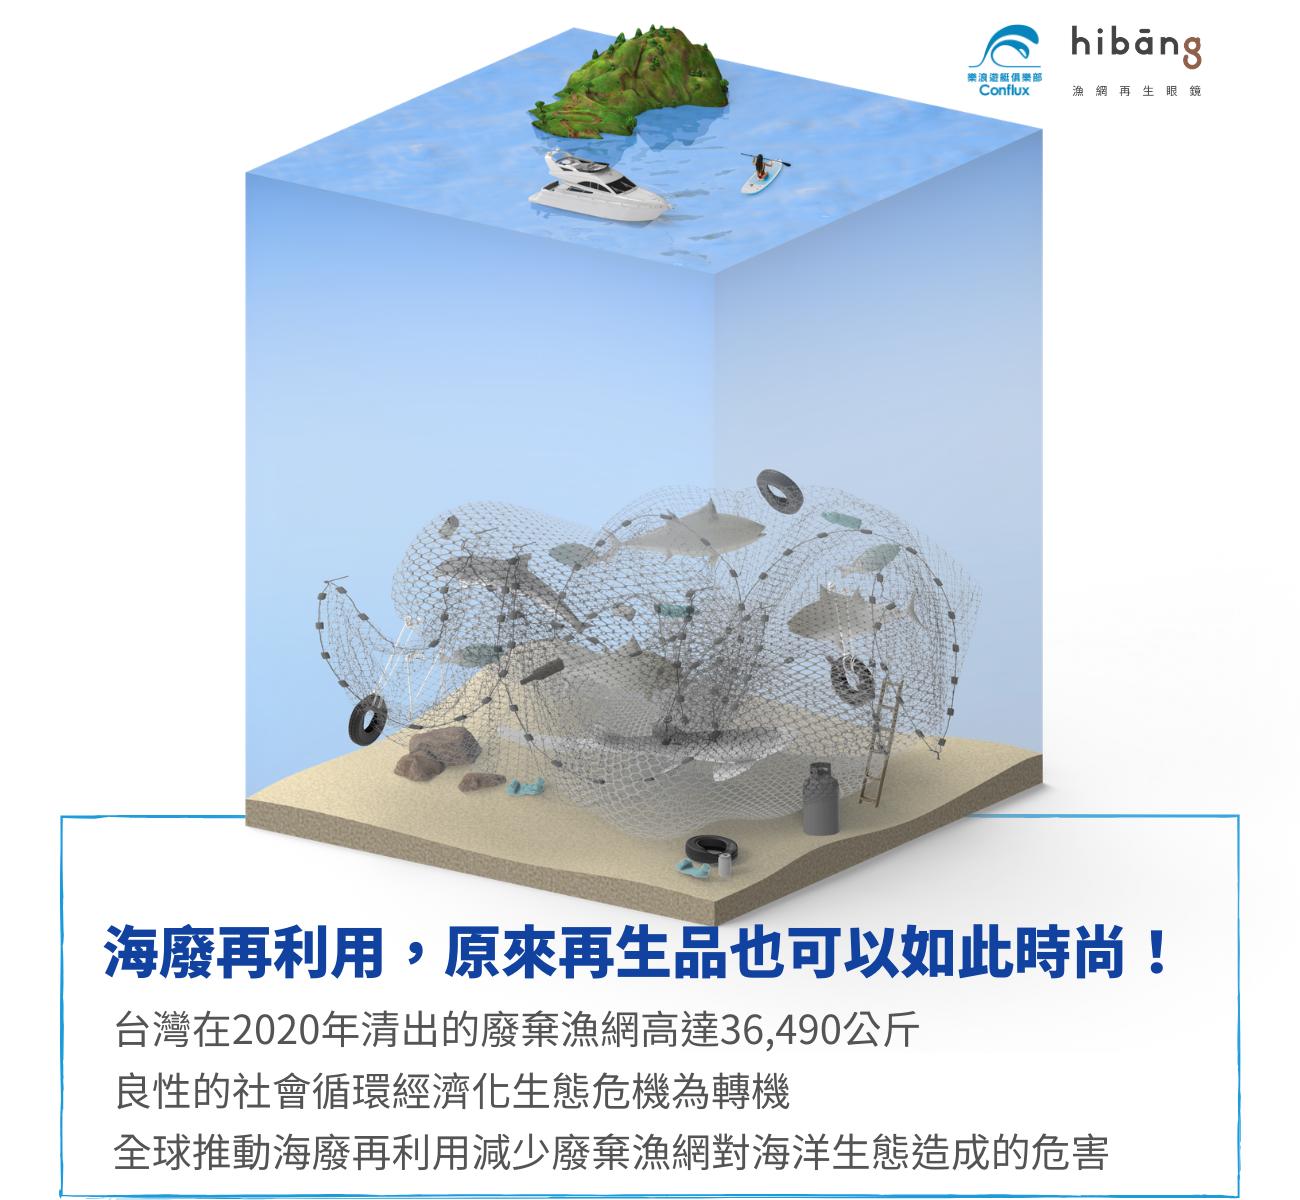 海廢再利用,原來再生品也可以如此時尚